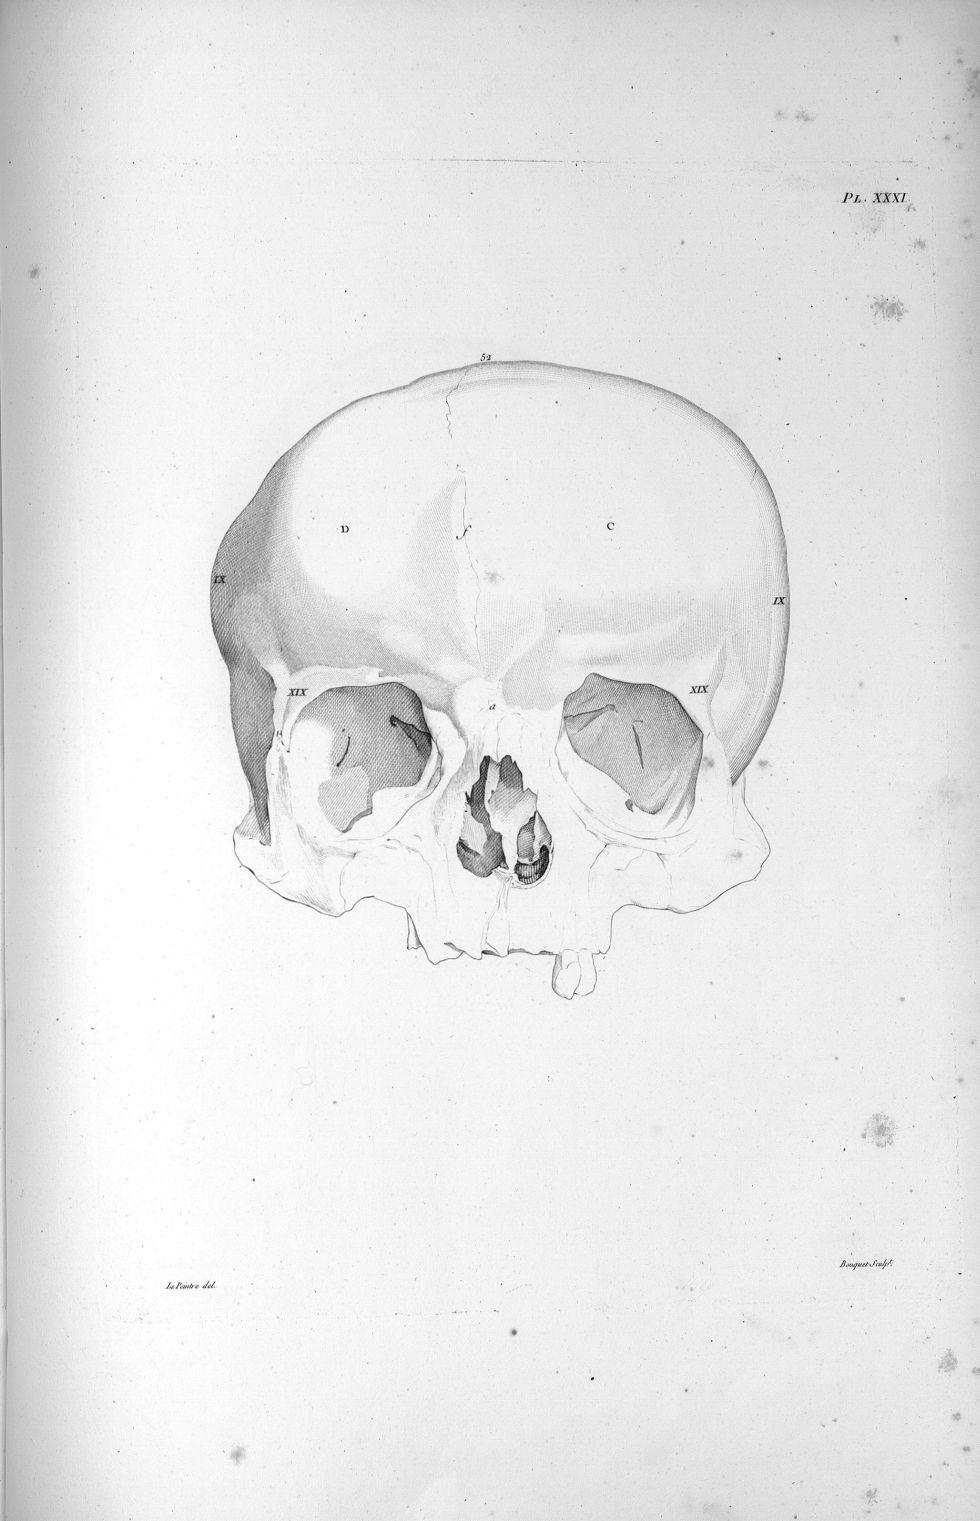 Pl. XXXI. Crâne, dont le diamètre d'un temporal à l'autre est plus considérable que du frontal à l'o [...] - Anatomie. Neurologie. Crânes. Phrénologie. 19e siècle (France) - med00575x02x0357